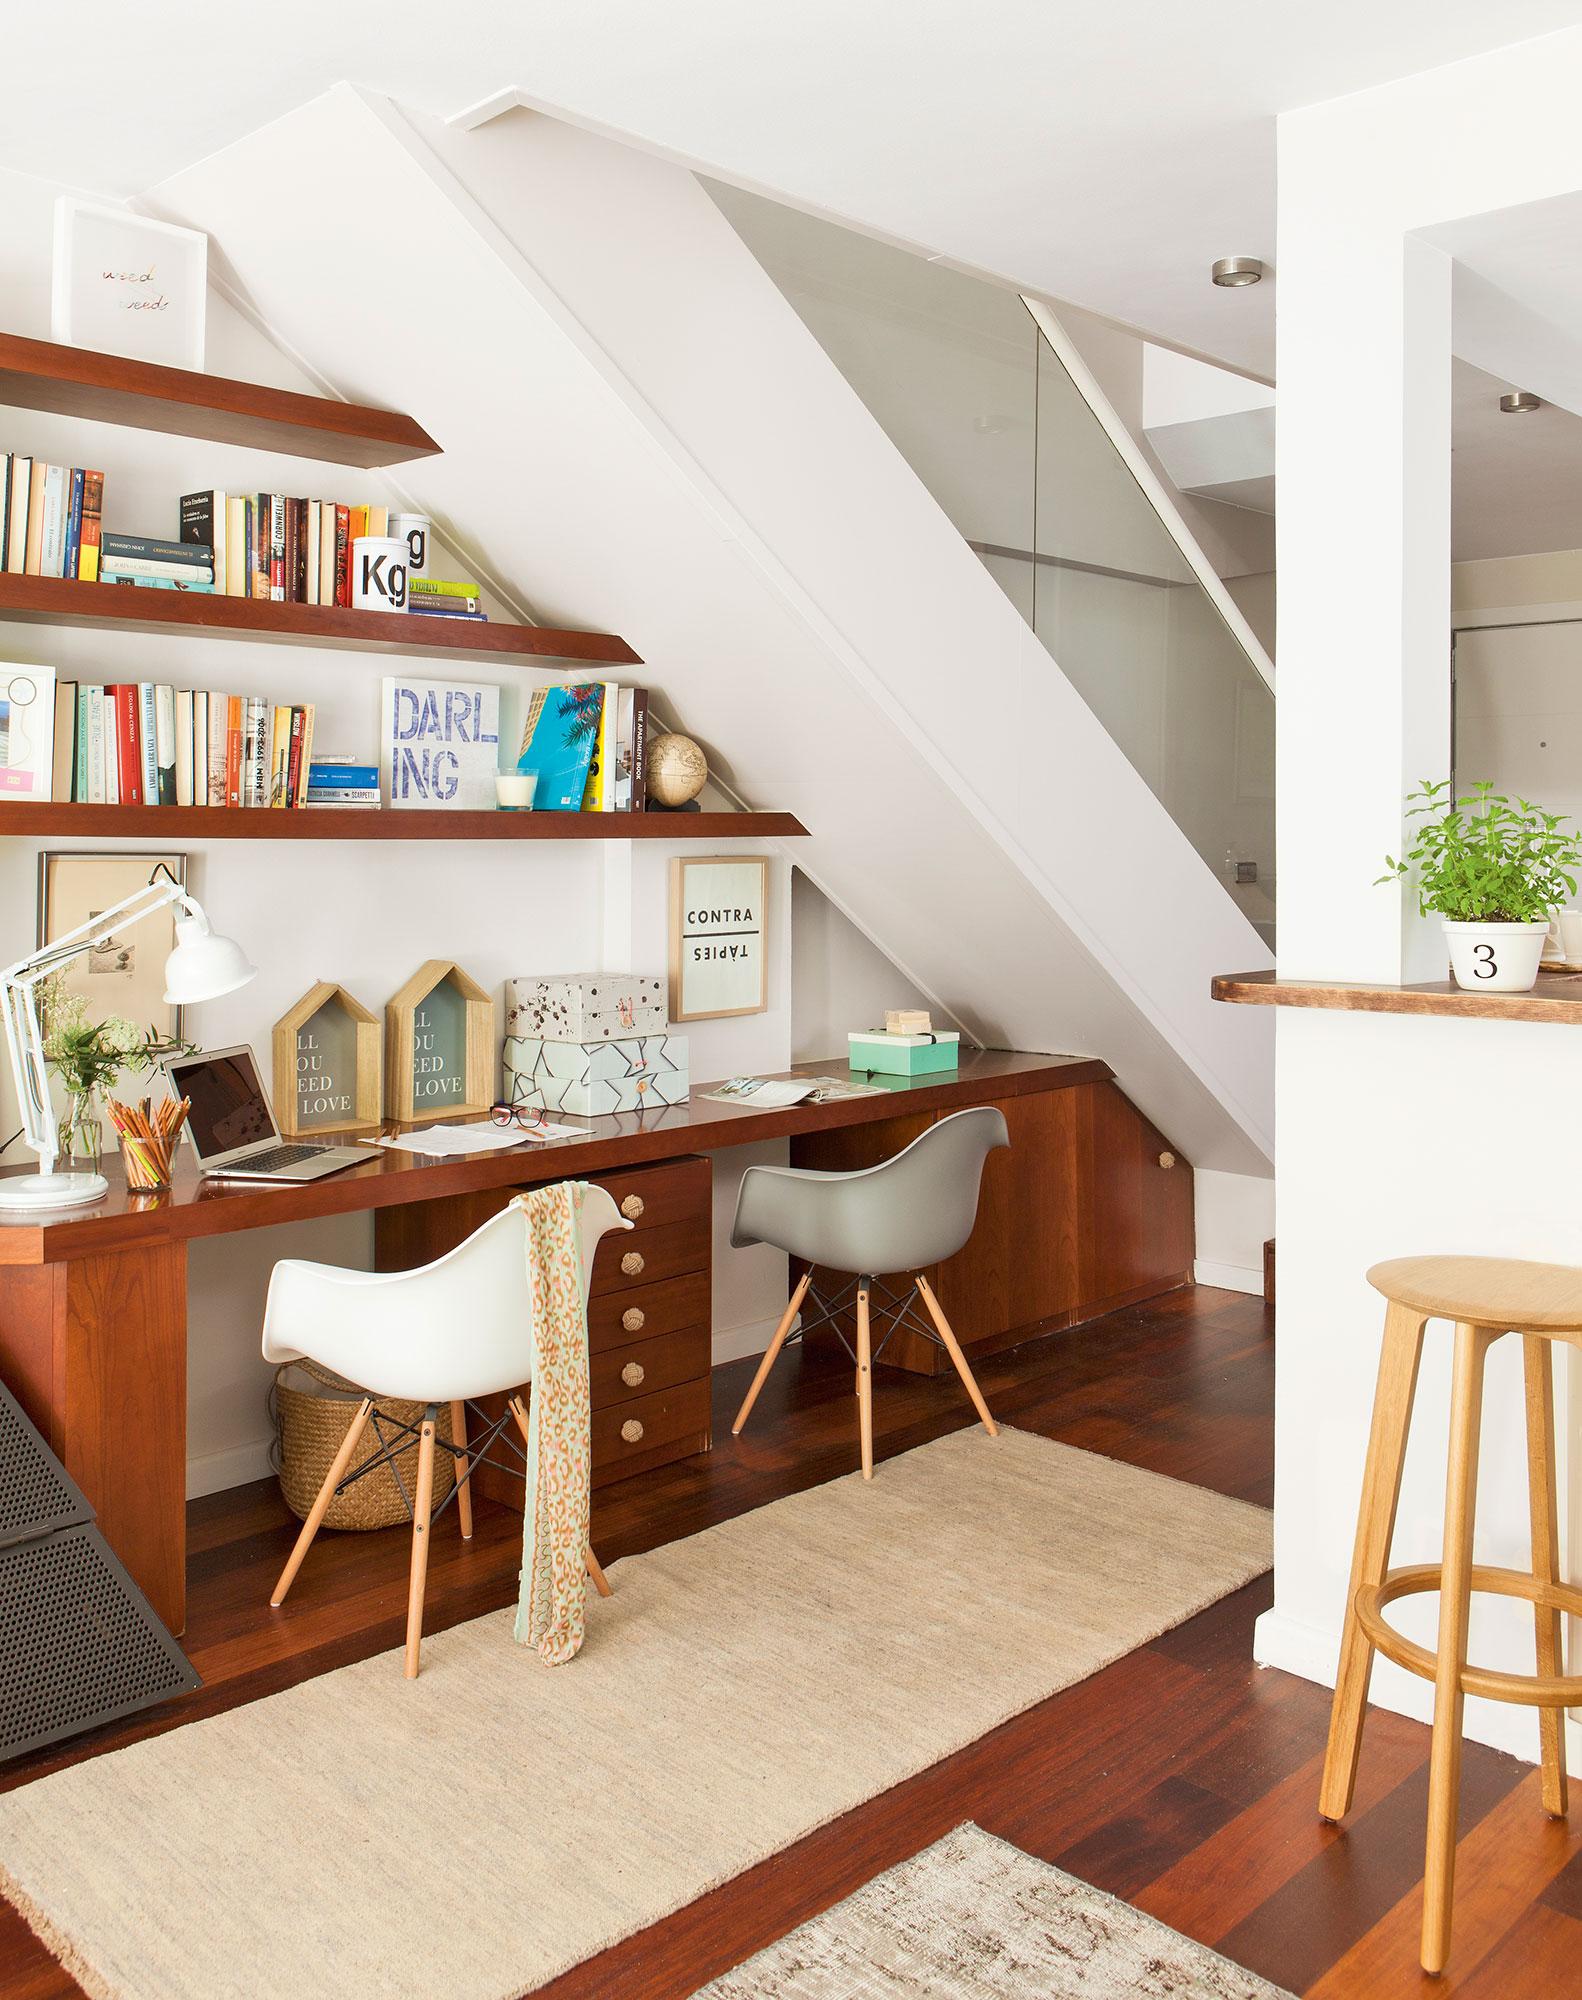 rincn de trabajo doble con estantes el hueco bajo la escalera